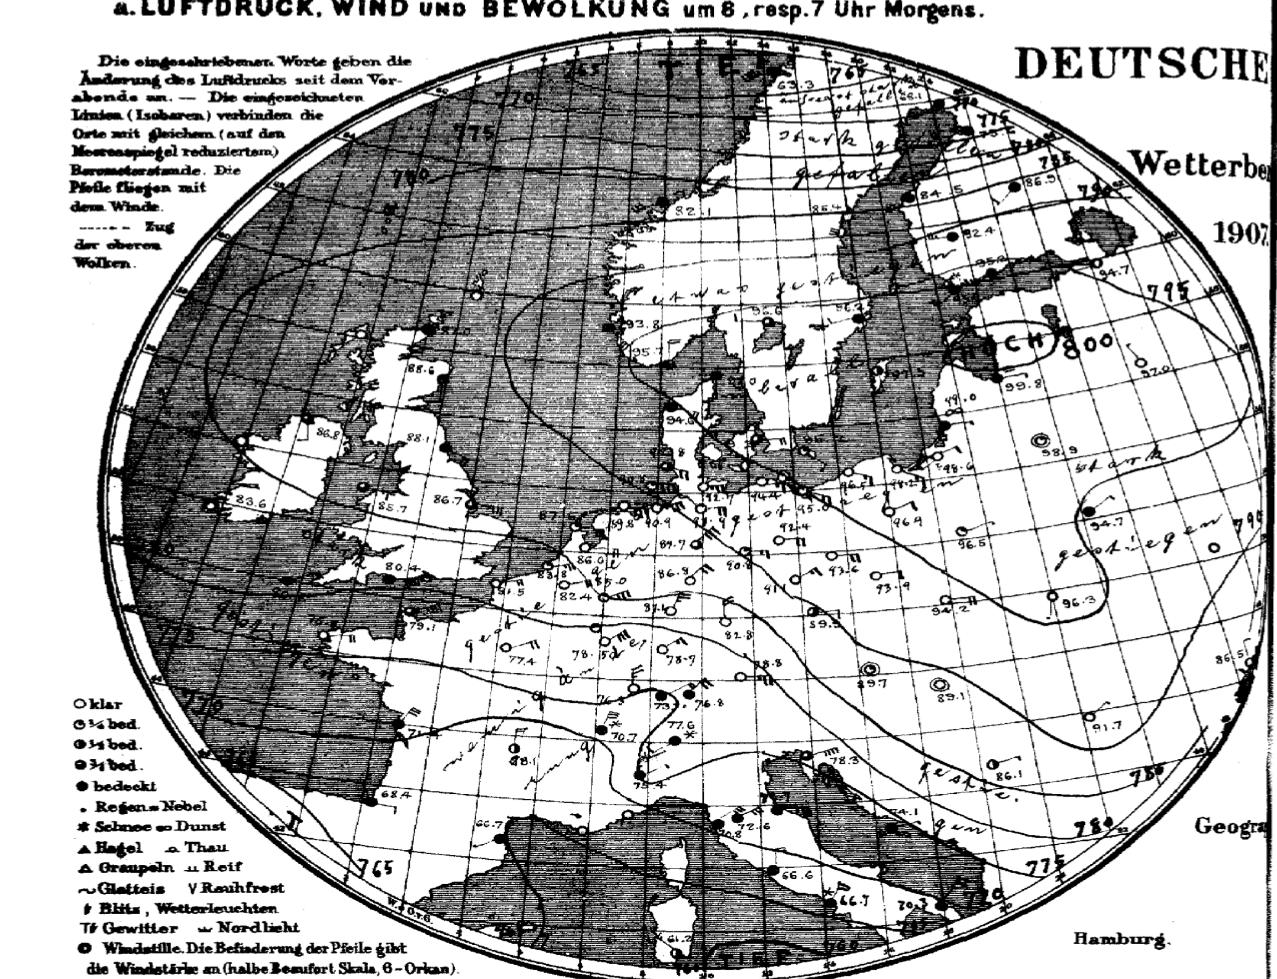 Rozkład ciśnienia nad Europą 23 stycznia 1907.